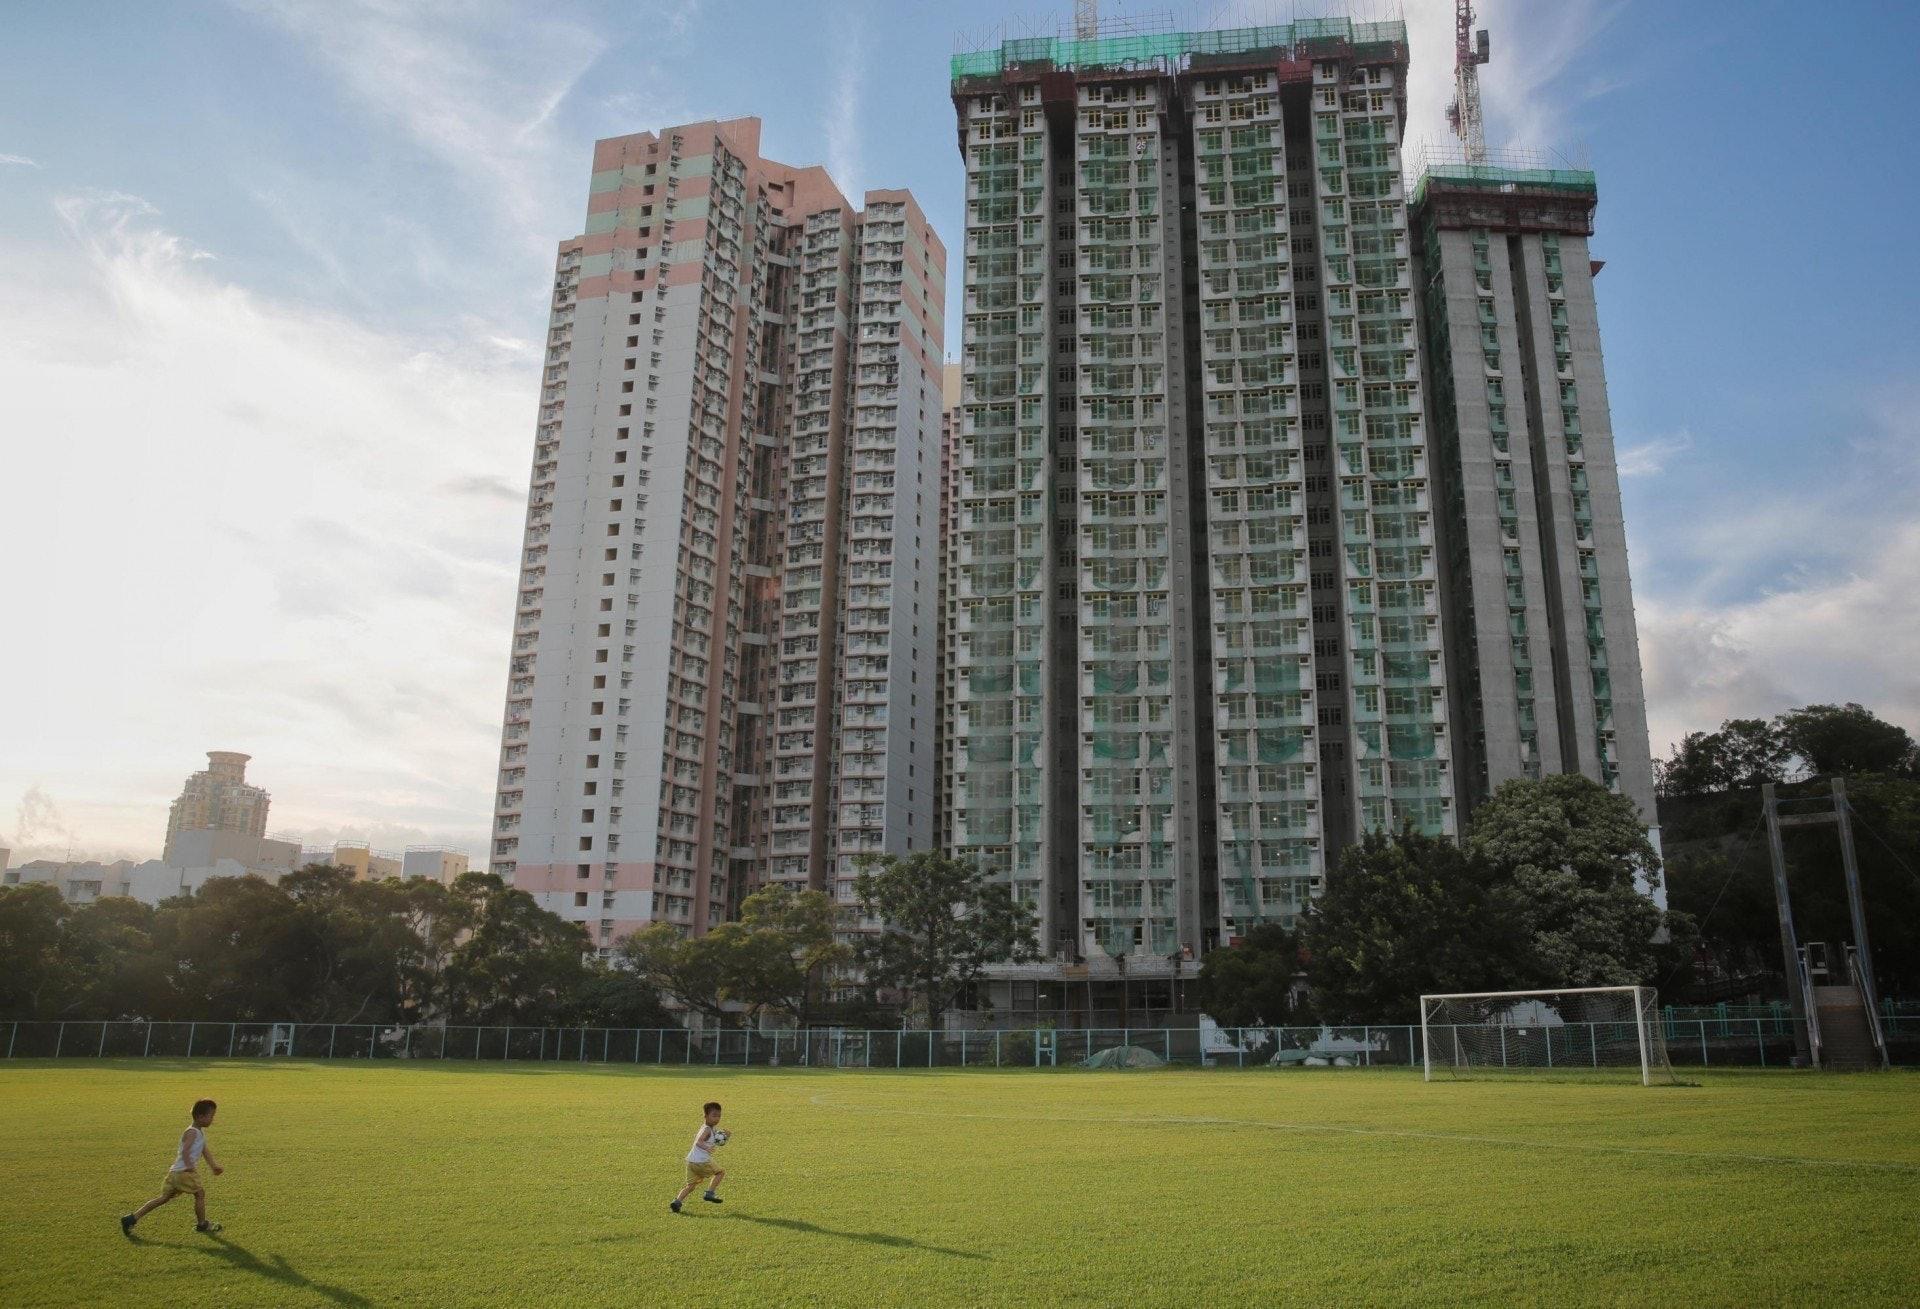 房委會將於今年推售新一期居屋,涉及六個屋苑,共4,871伙,其中包括何文田冠德苑。(資料圖片)